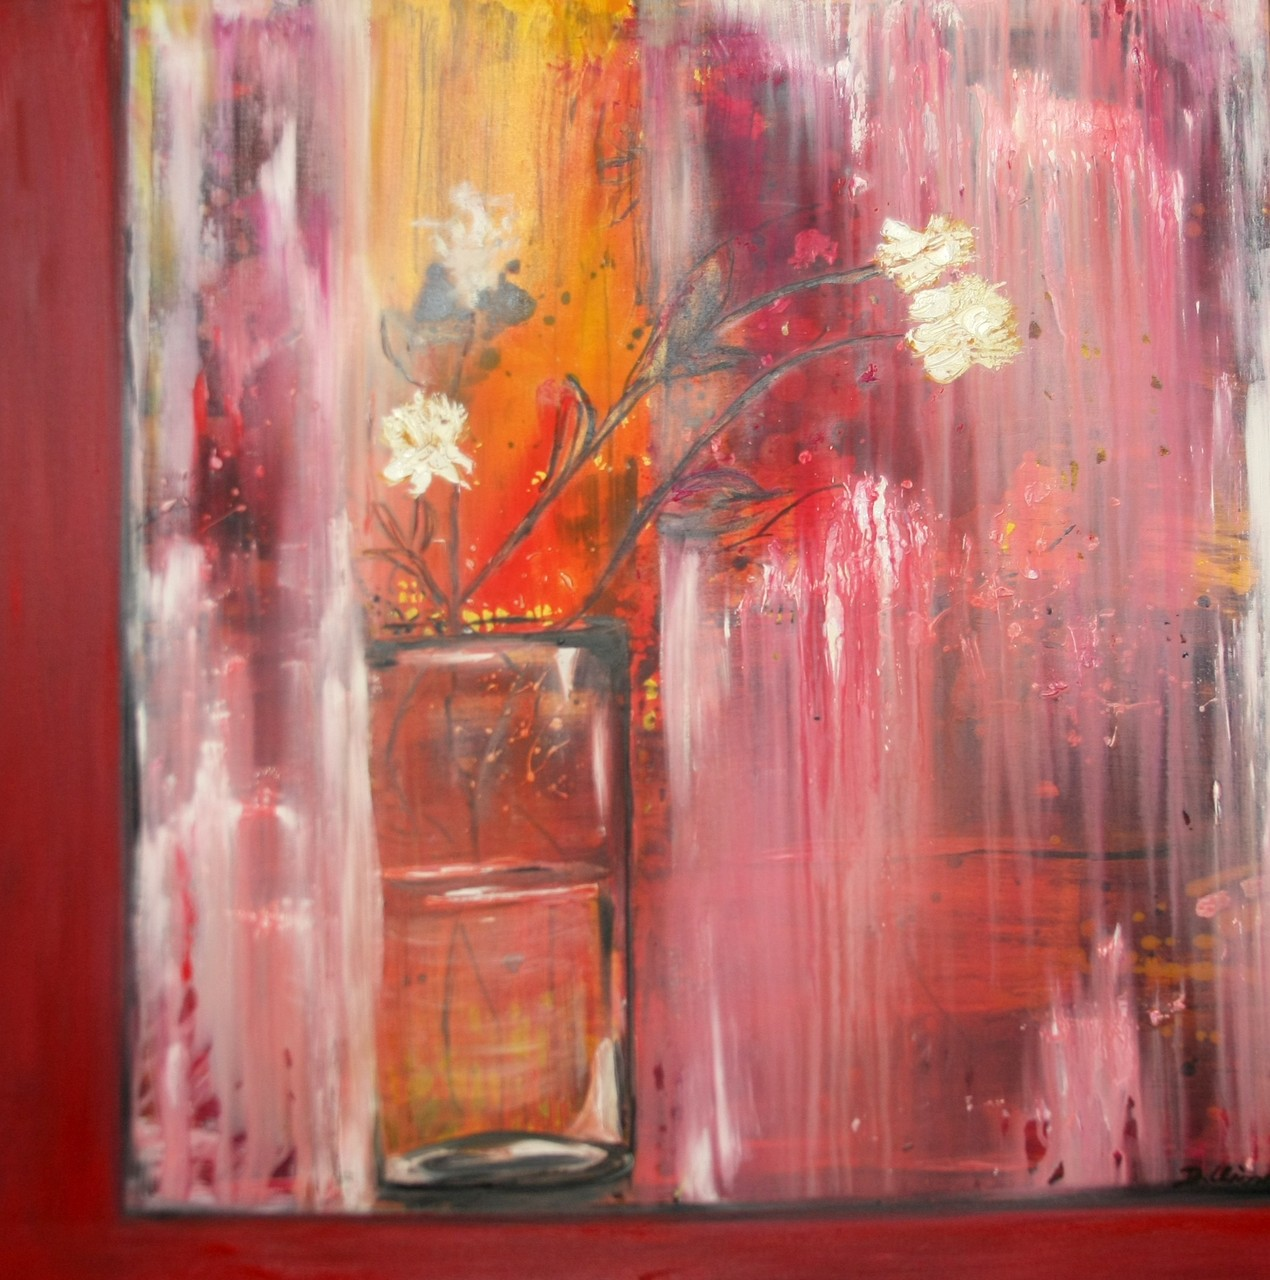 Blumenvase am Fenster 80 x 100 cm